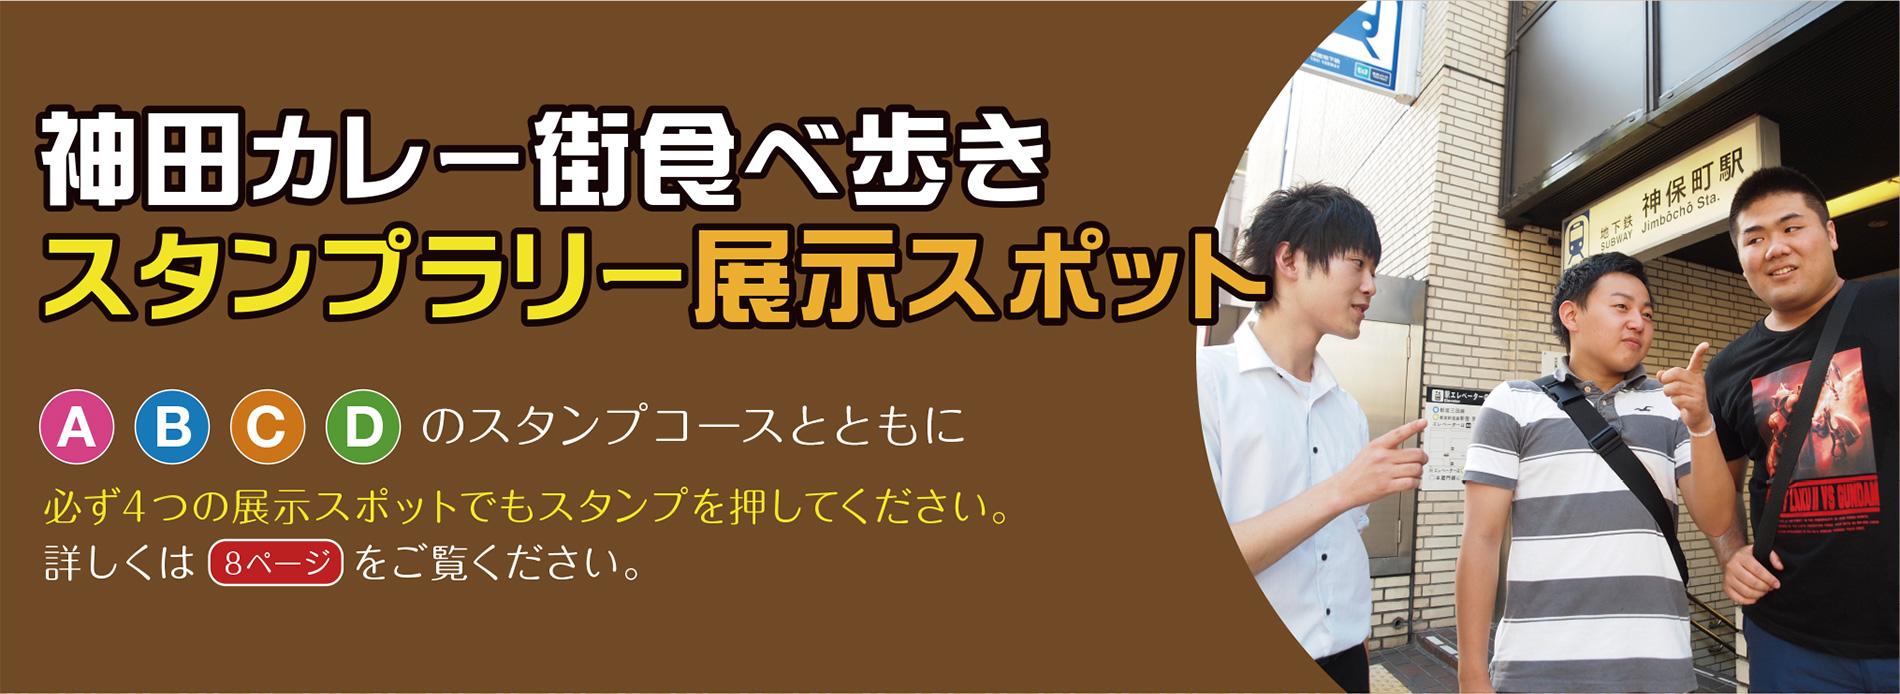 新しいスタンプポイント 神田カレー街食べ歩き スタンプラリー